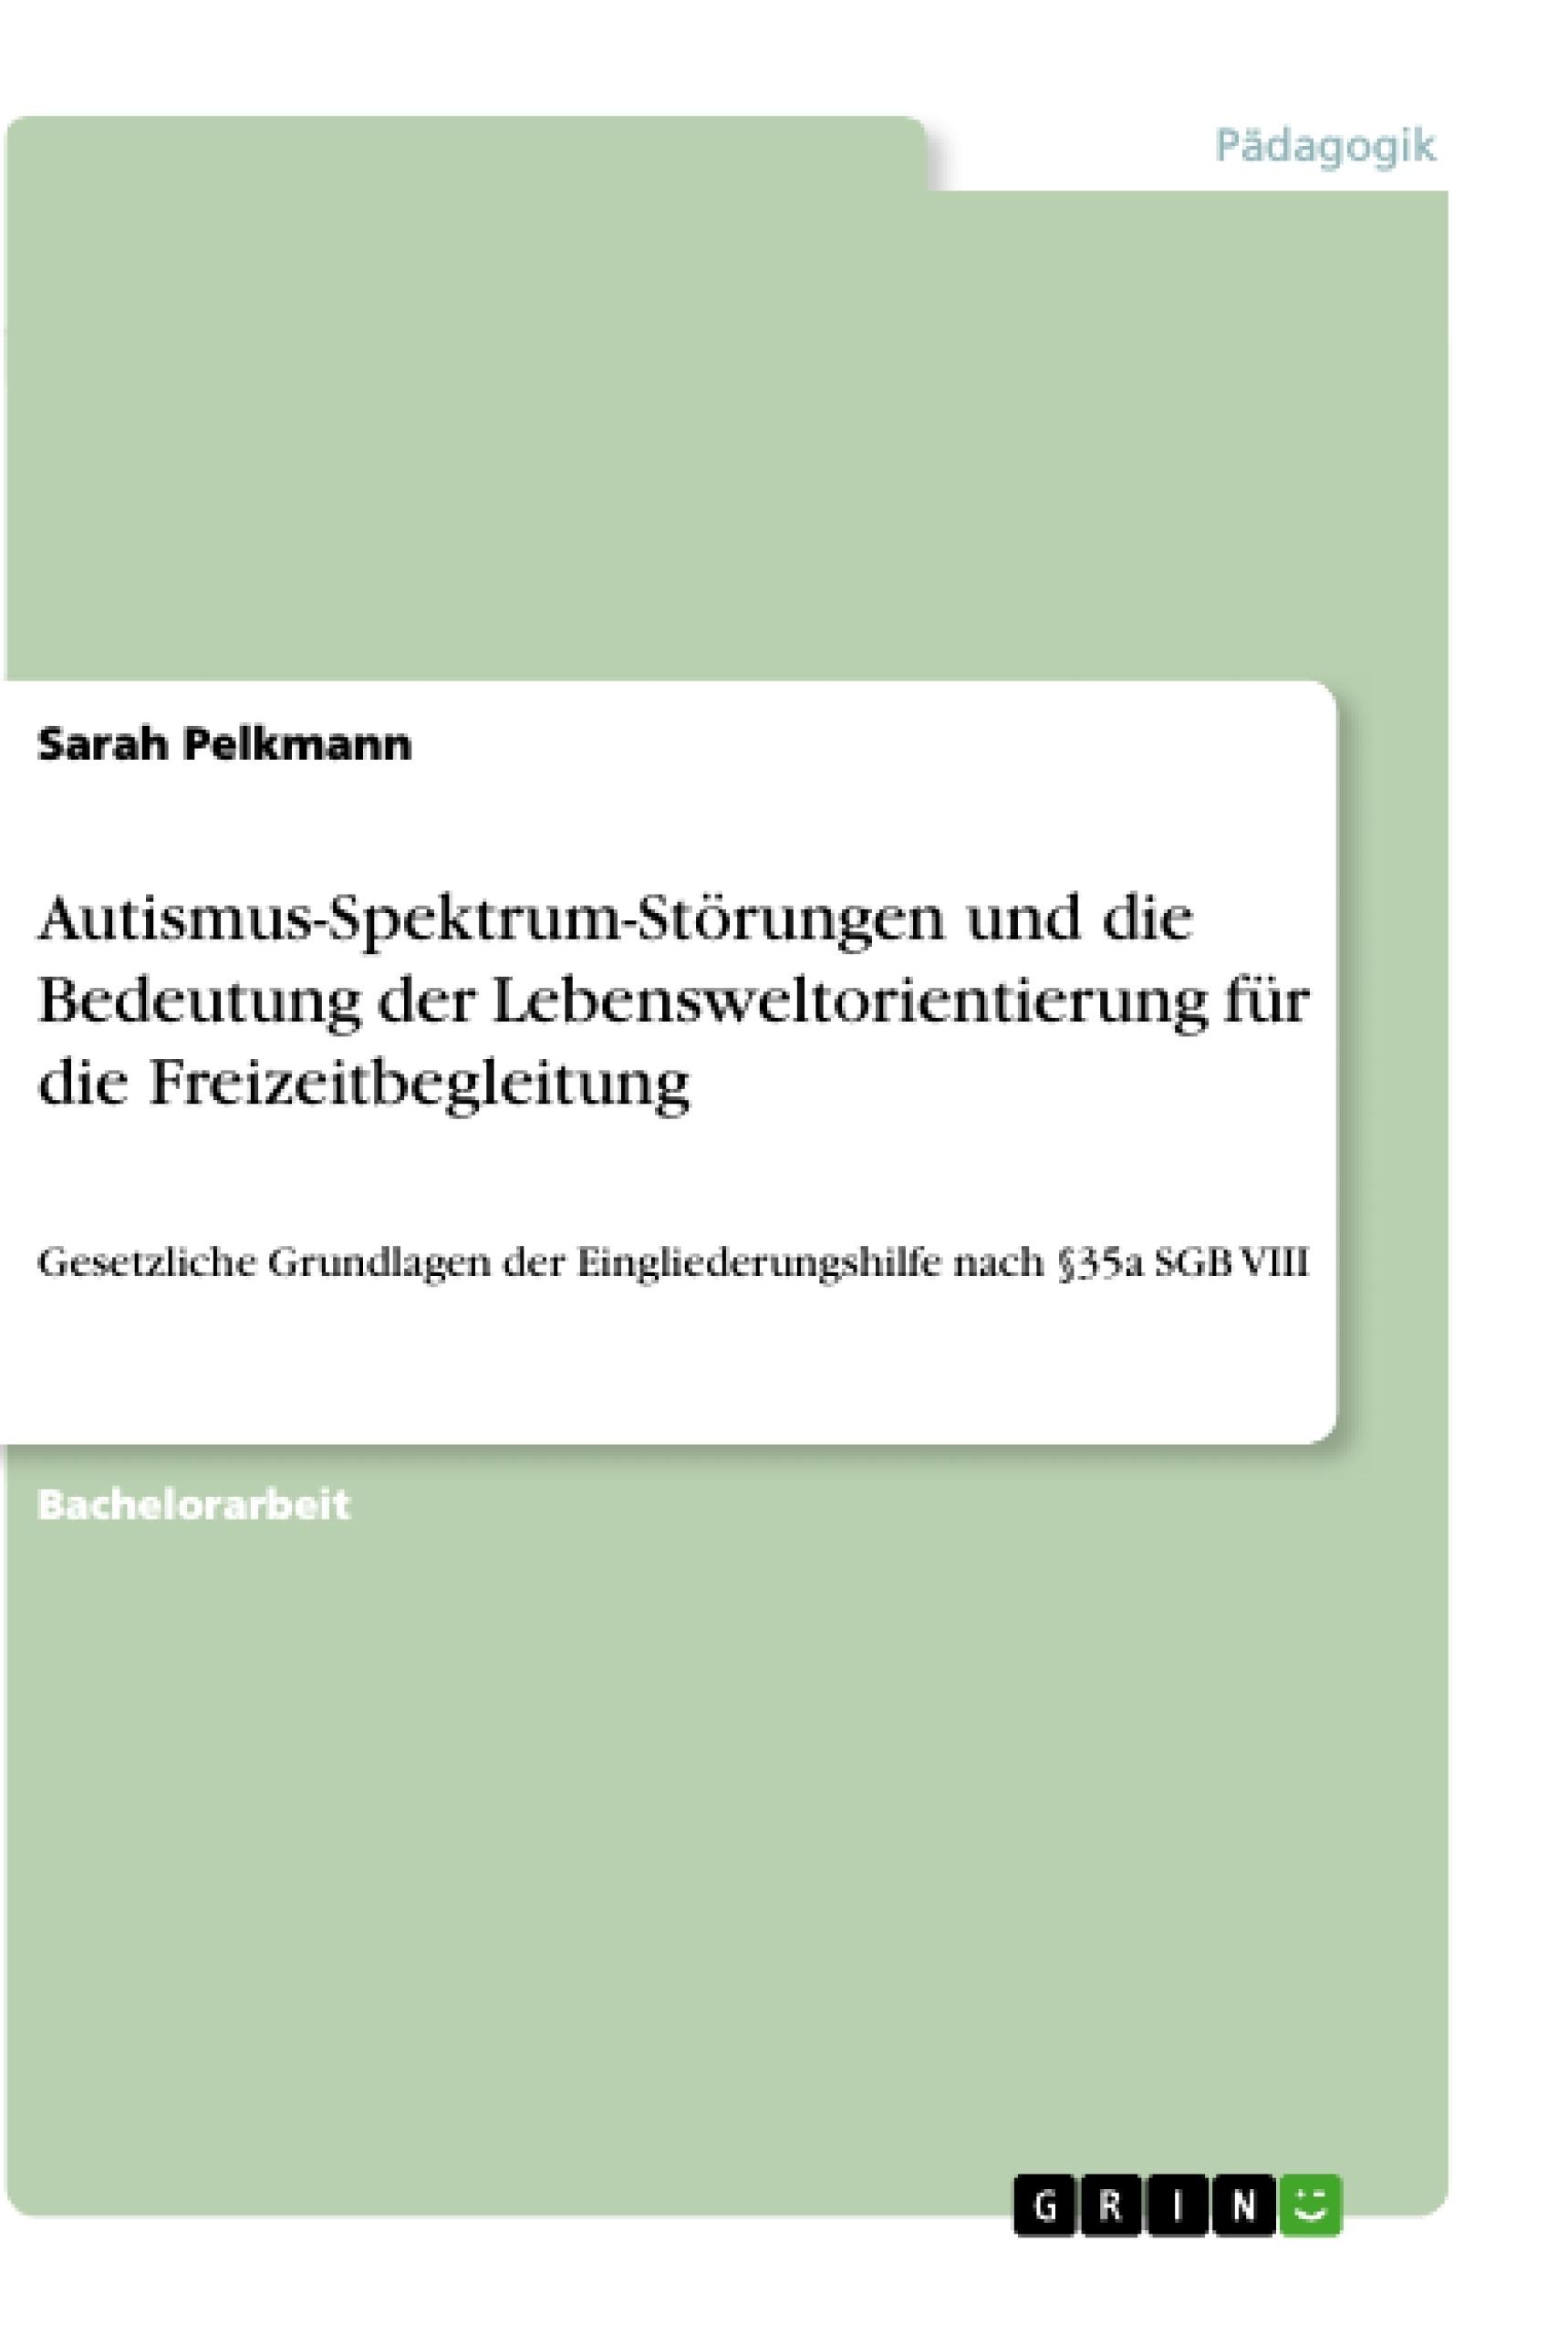 Titel: Autismus-Spektrum-Störungen und die Bedeutung der Lebensweltorientierung für die Freizeitbegleitung